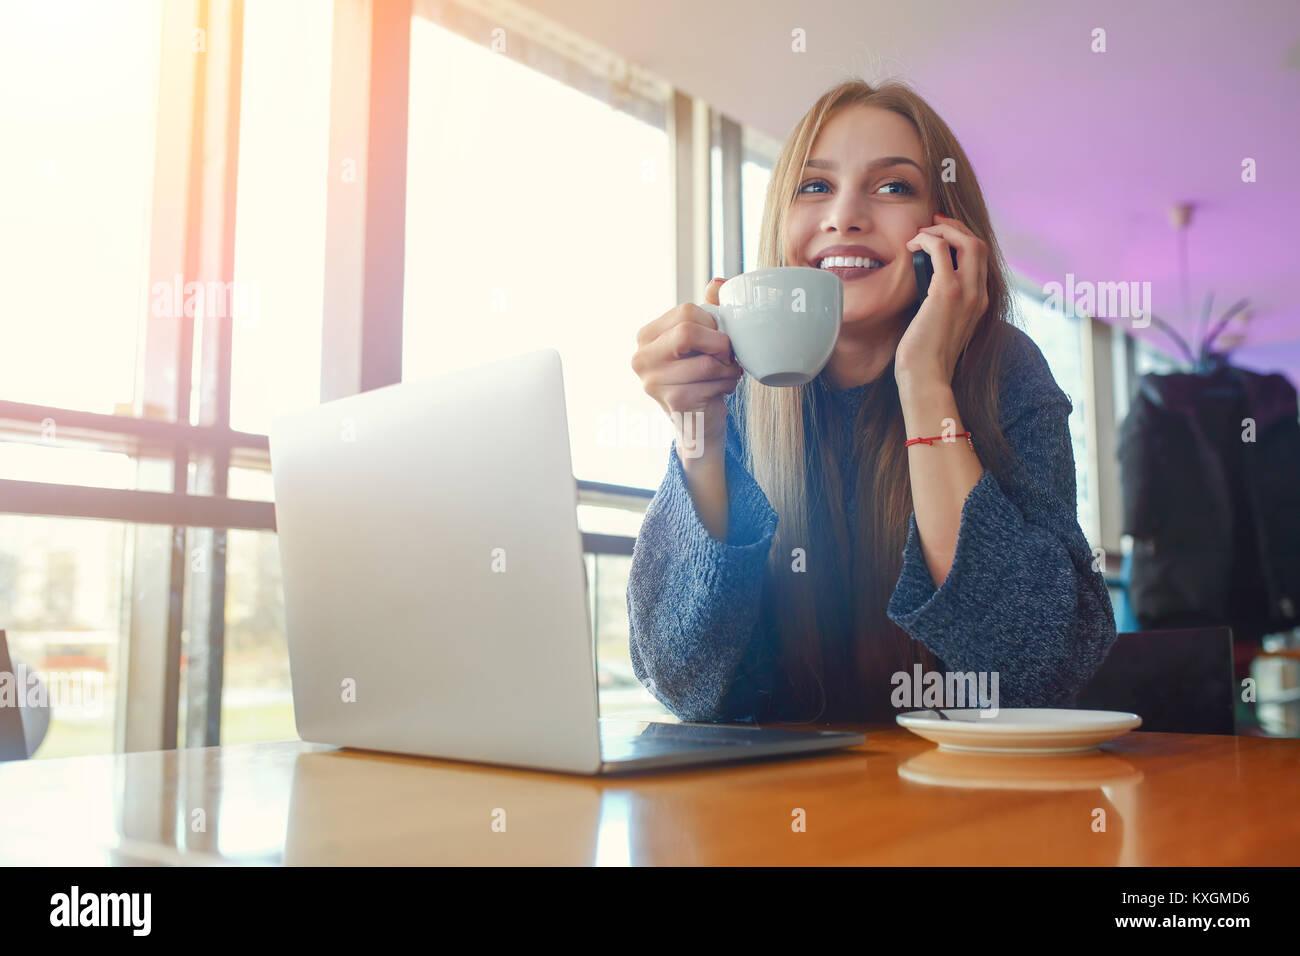 Glückliche junge Hipster Frau mit Tasse cofe, am Telefon zu sprechen, im Cafe. Laptop auf dem Tisch. Stockbild